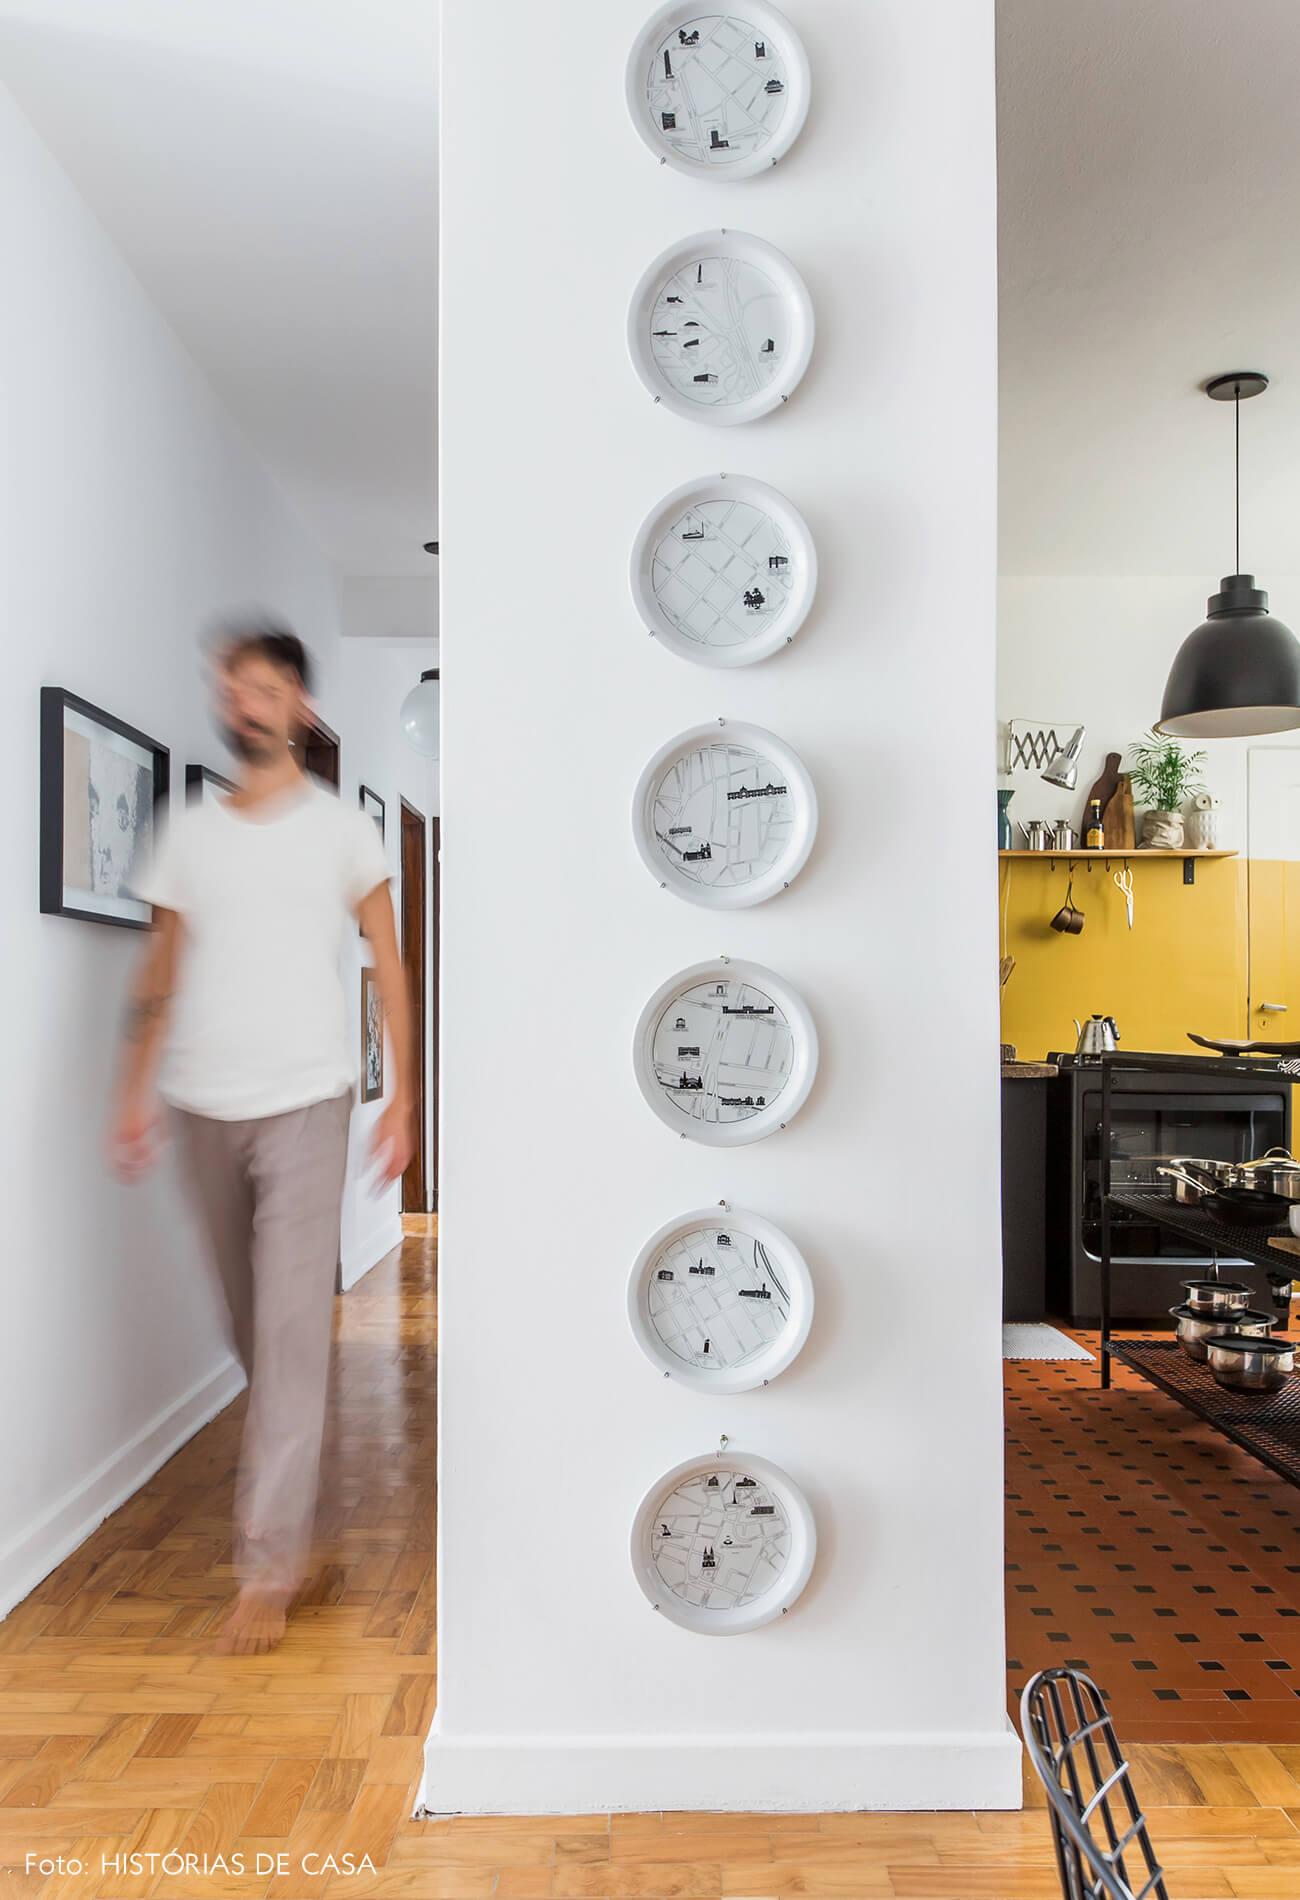 Apartamento com pratos de parede do Maurício Arruda